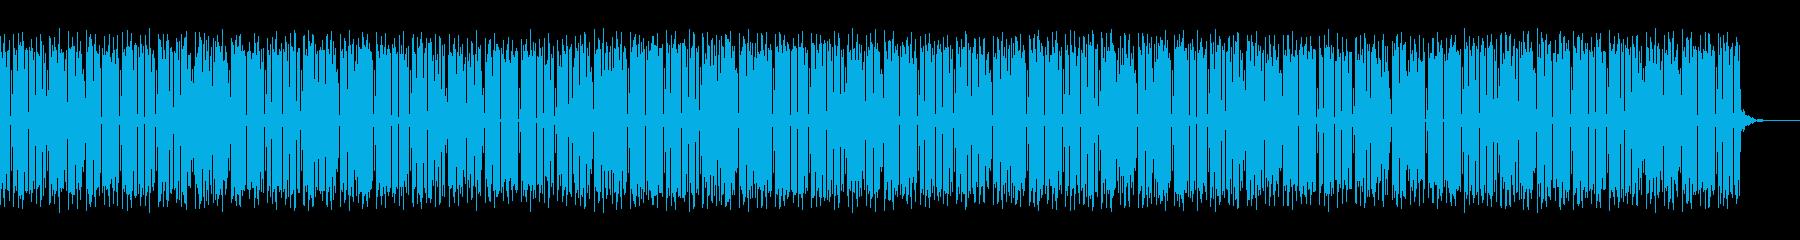 ニュース番組をイメージしたBGMの再生済みの波形